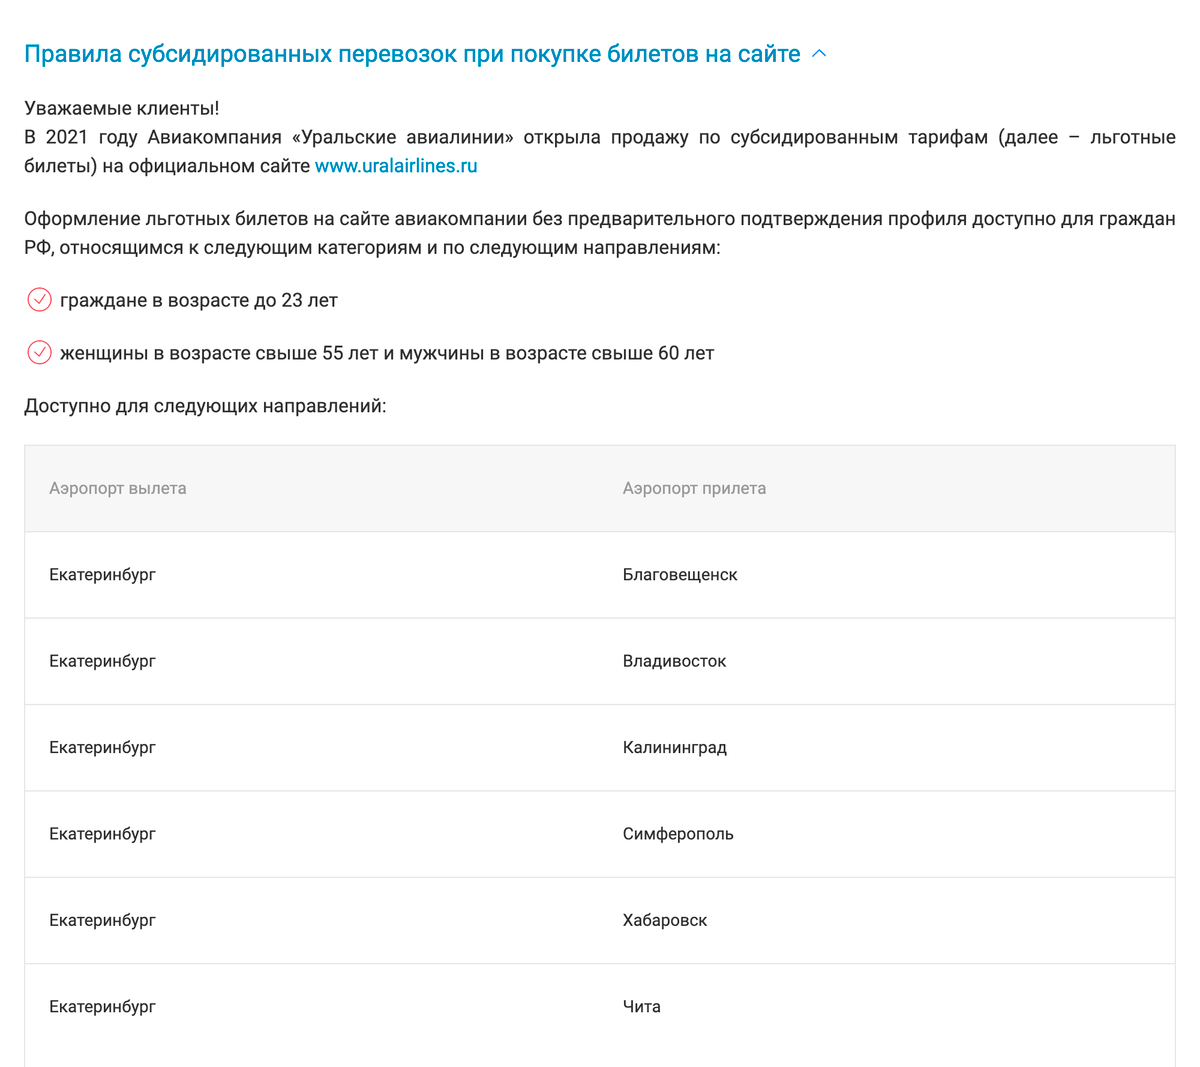 Субсидируемые маршруты «Уральских авиалиний» на 2021год